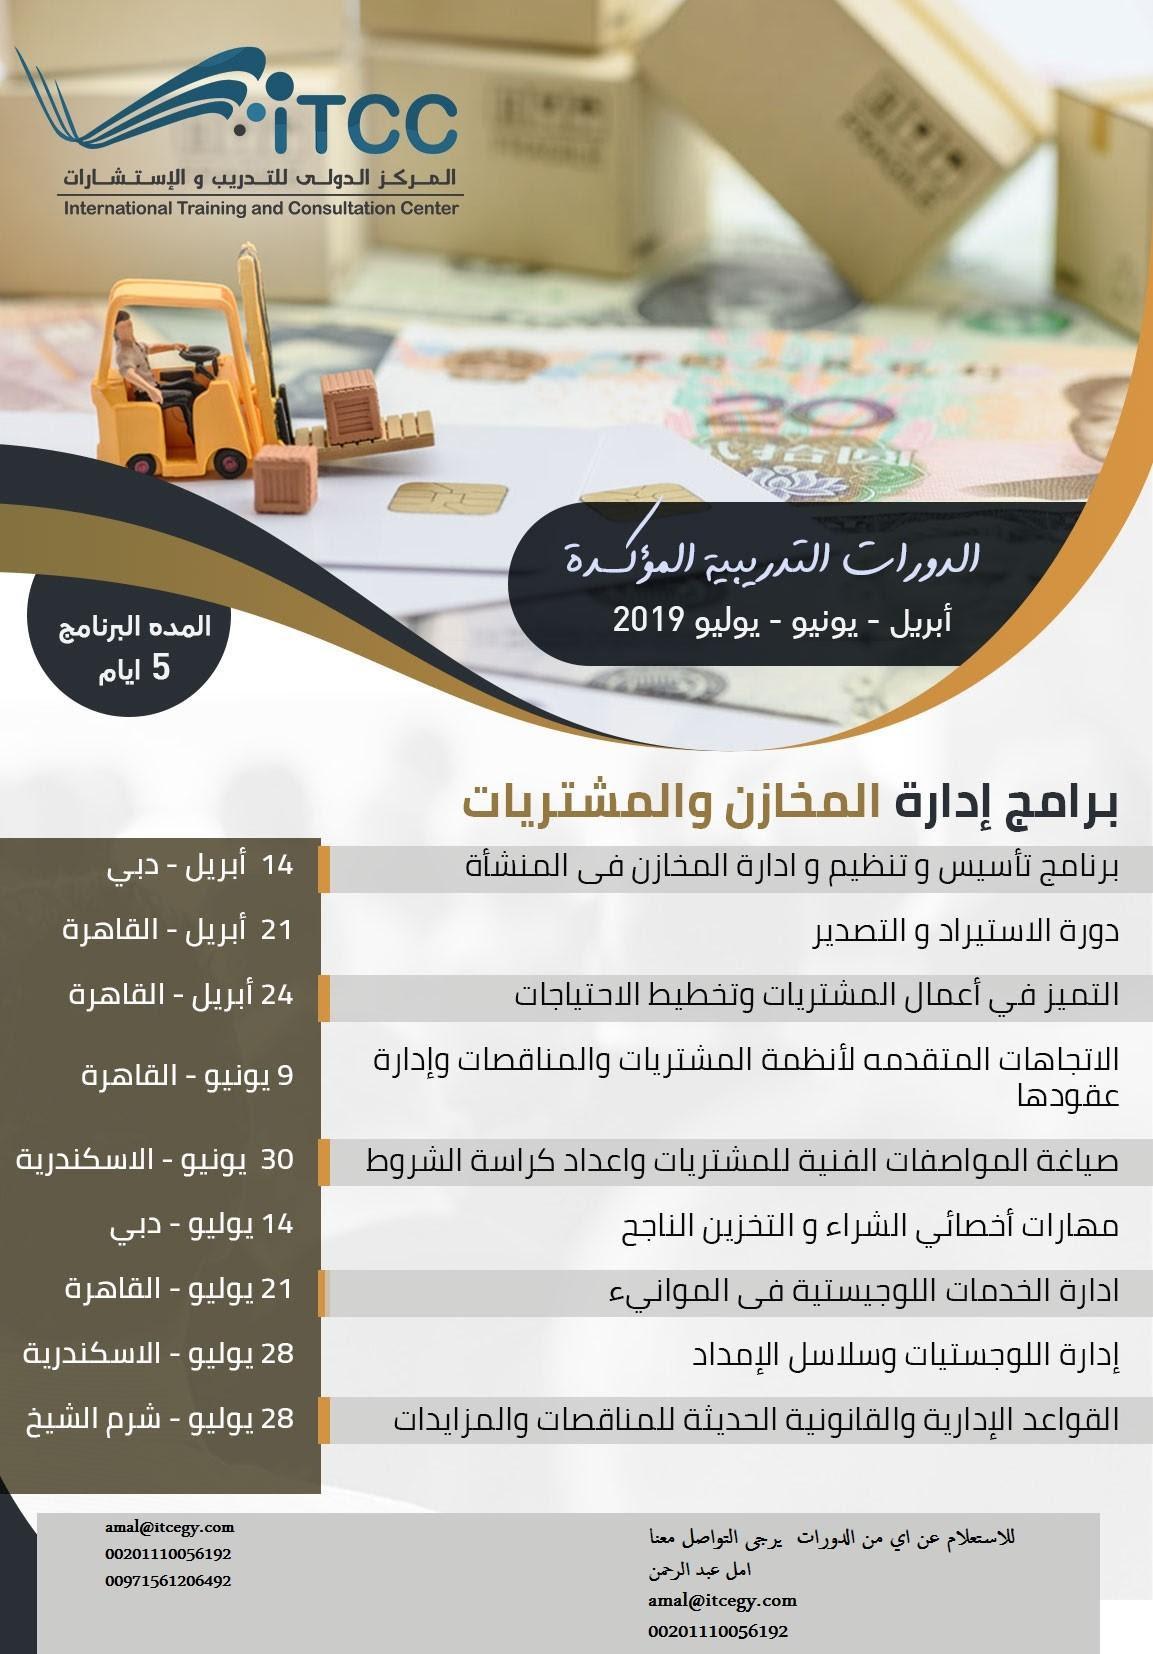 #دورة التميز في أعمال المشتريات وتخطيط الاحتياجات فى دبي وتركيا وماليزيا وسنغافورة 665163011.jpg